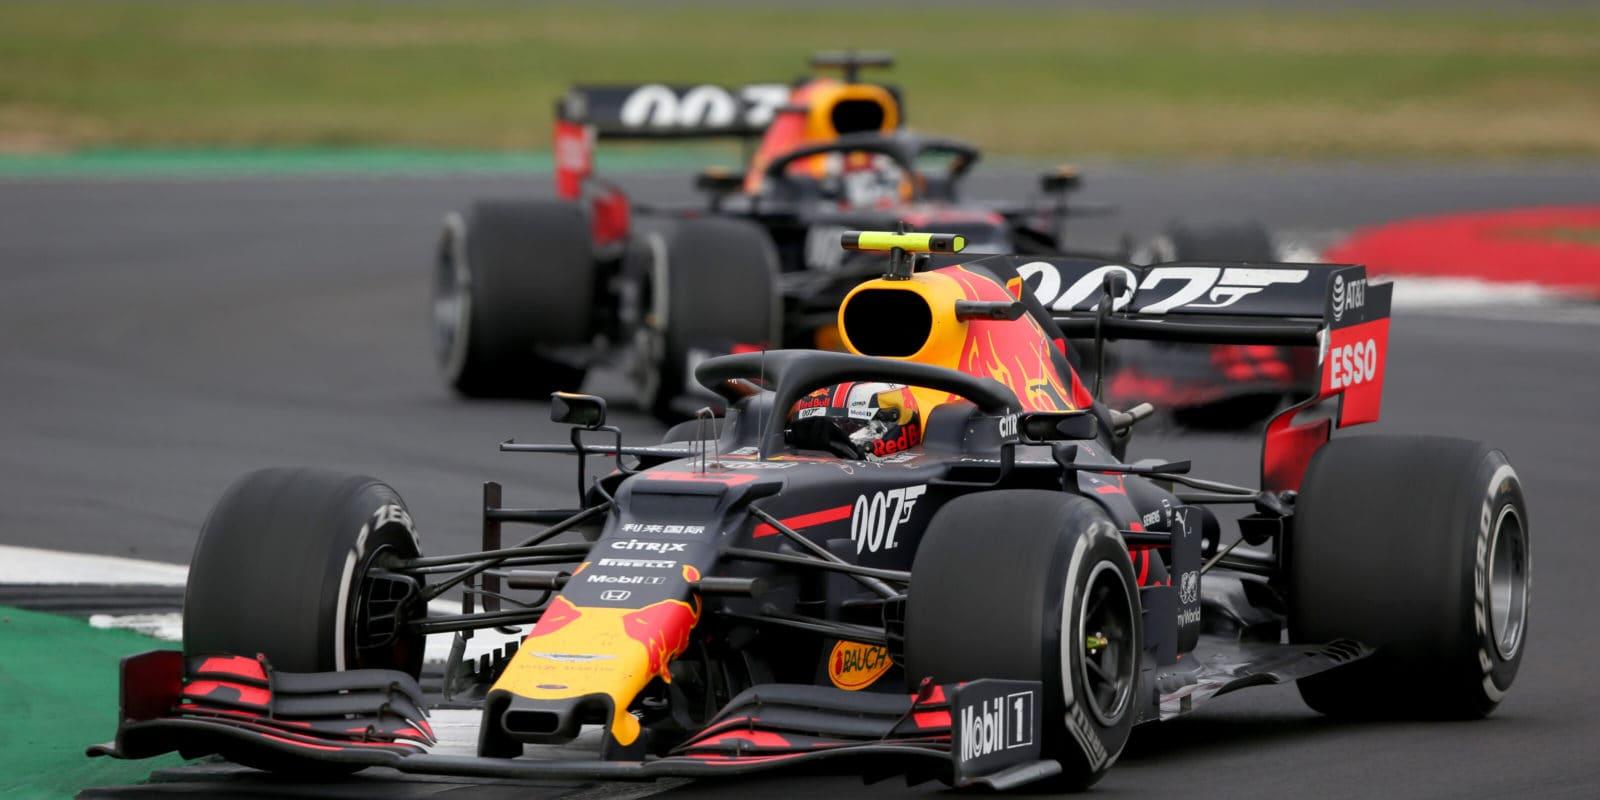 Red Bull našel před startem praskliny na křídlech